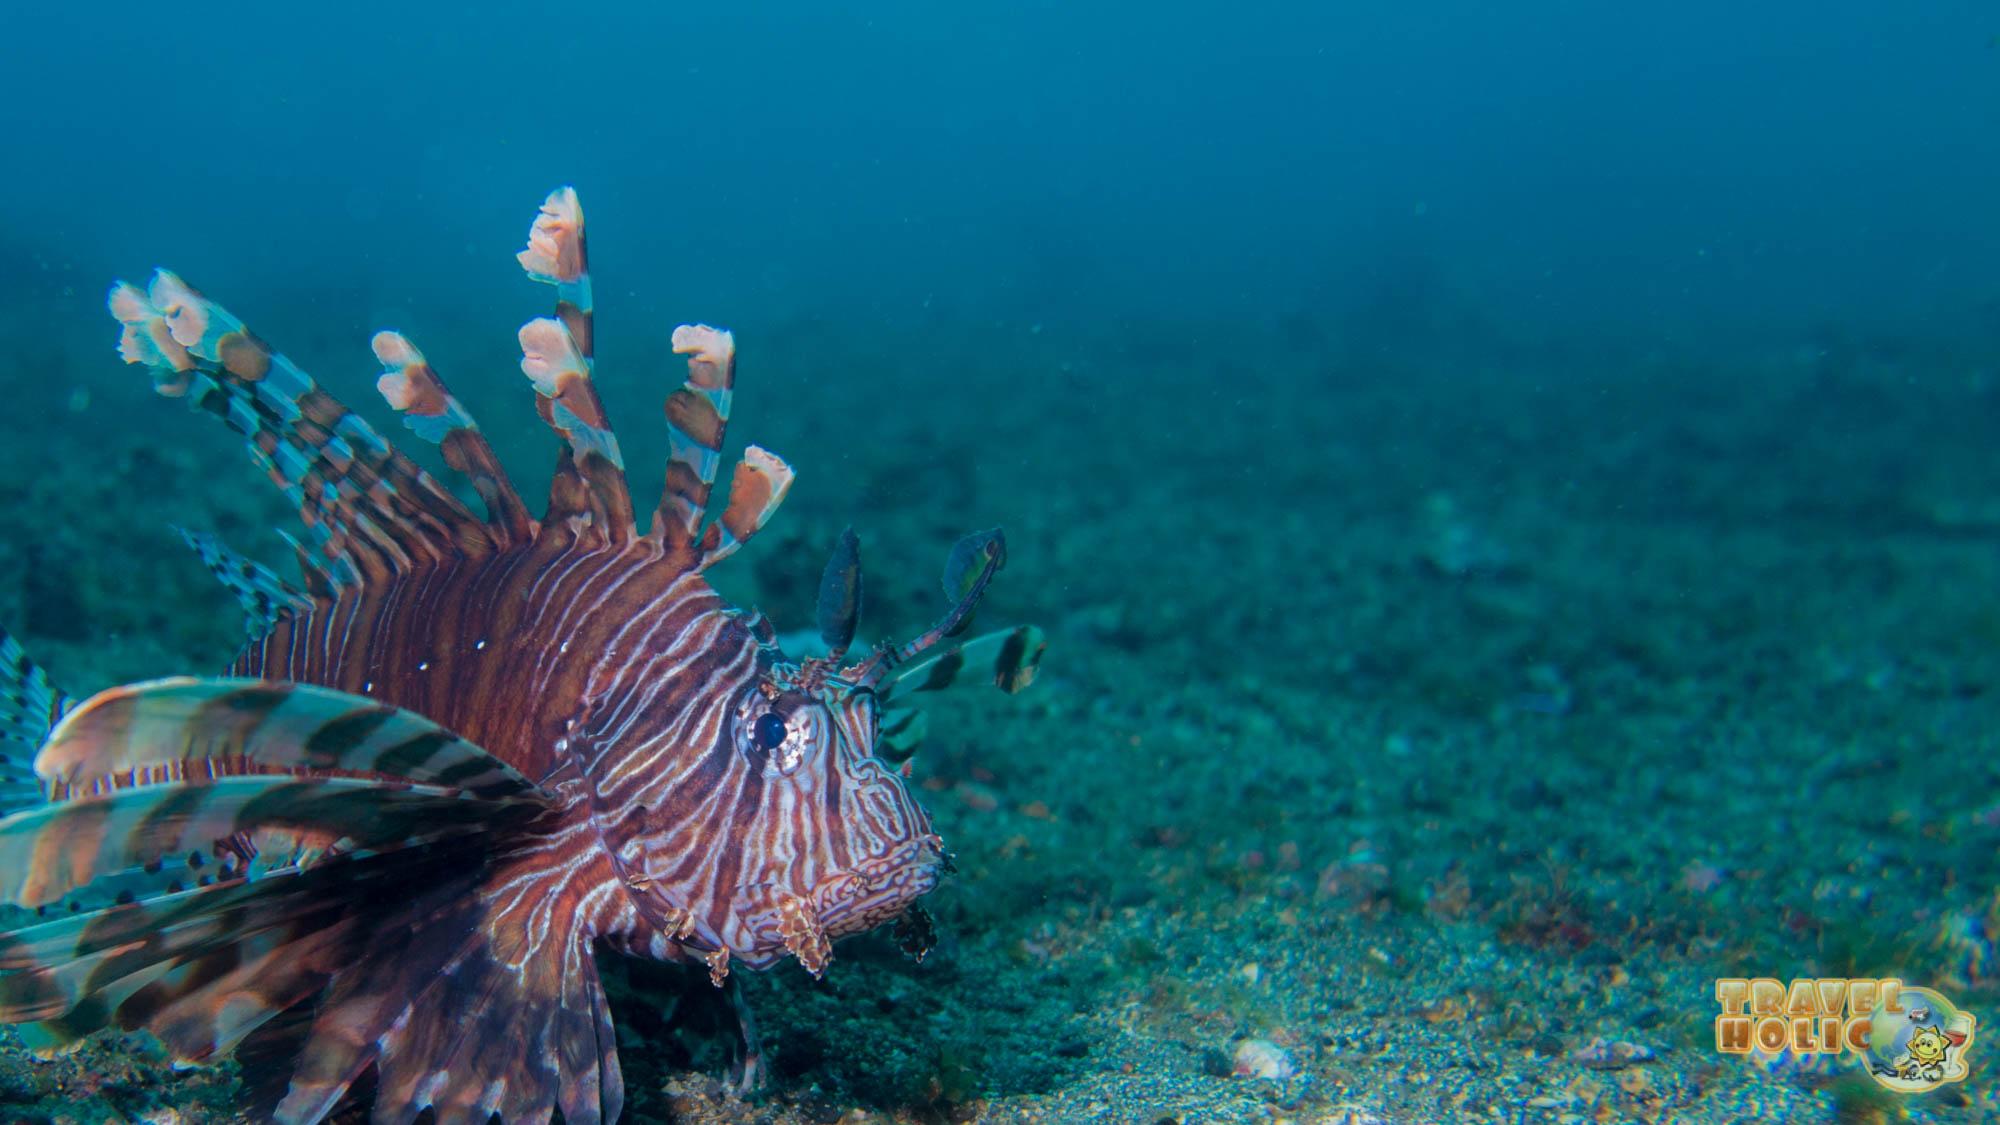 Lionfish croisé dans le Détroit de Lembeh